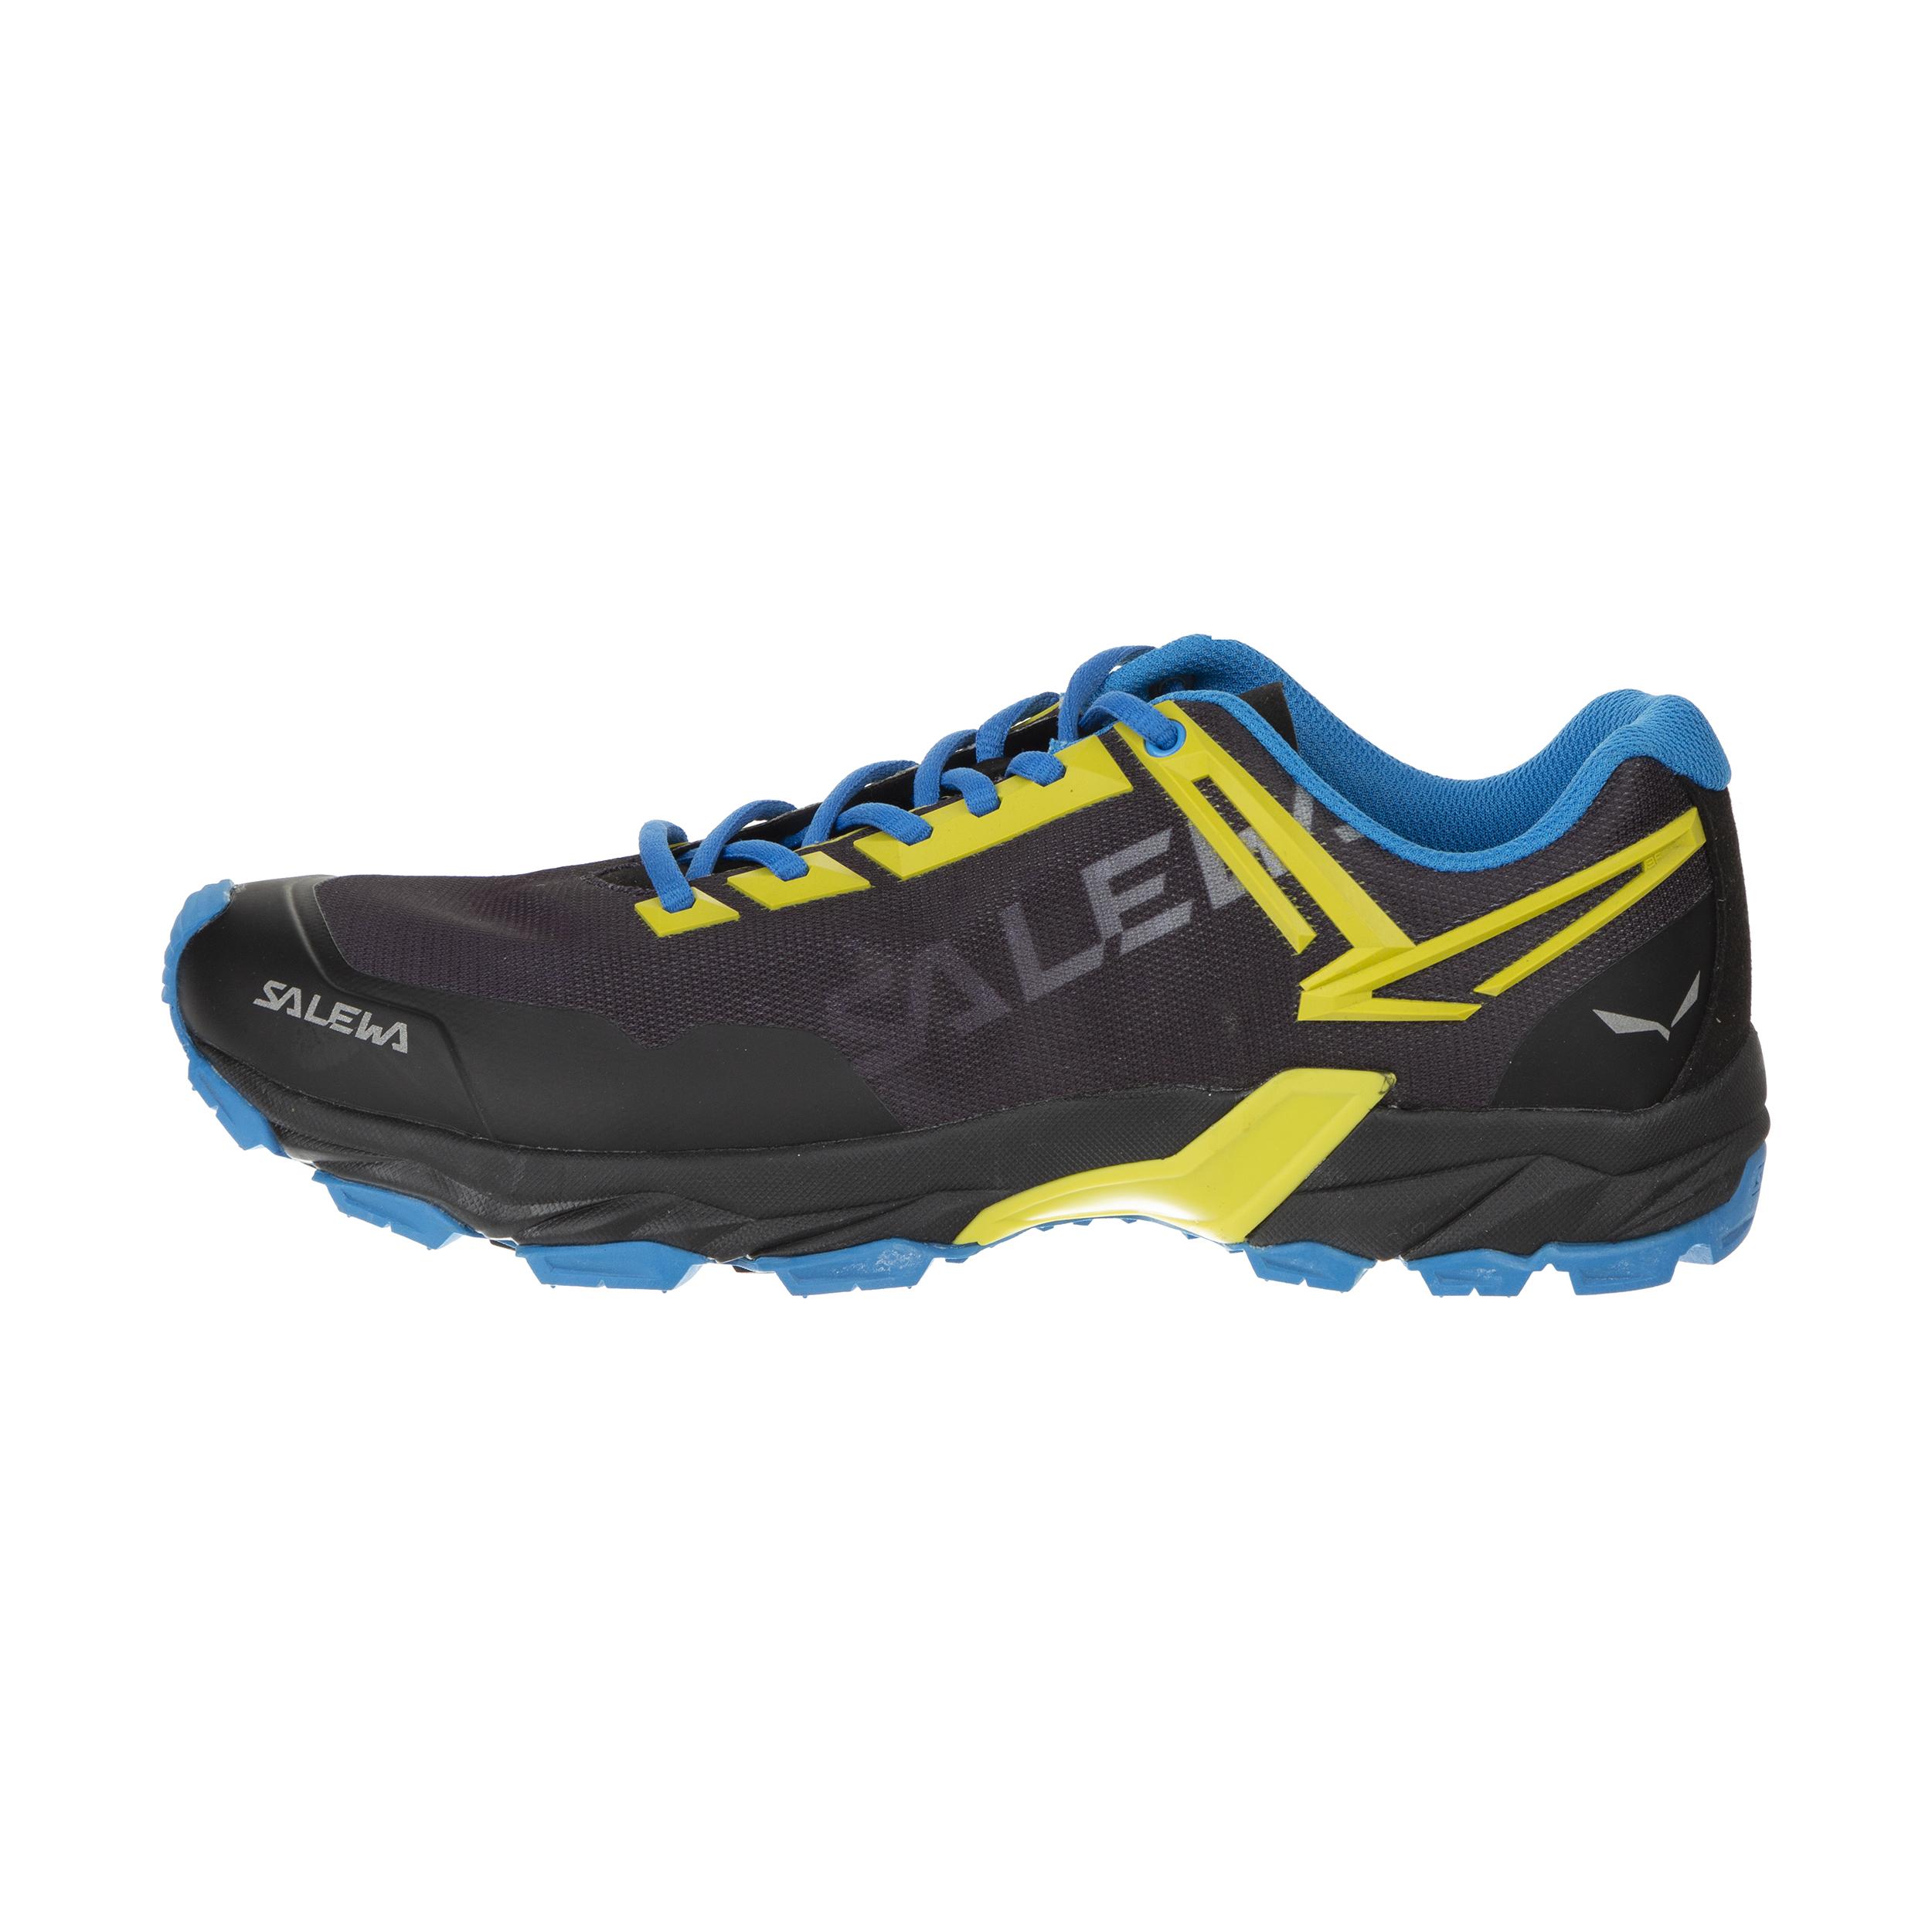 کفش کوهنوردی مردانه سالیوا کد EM-5480